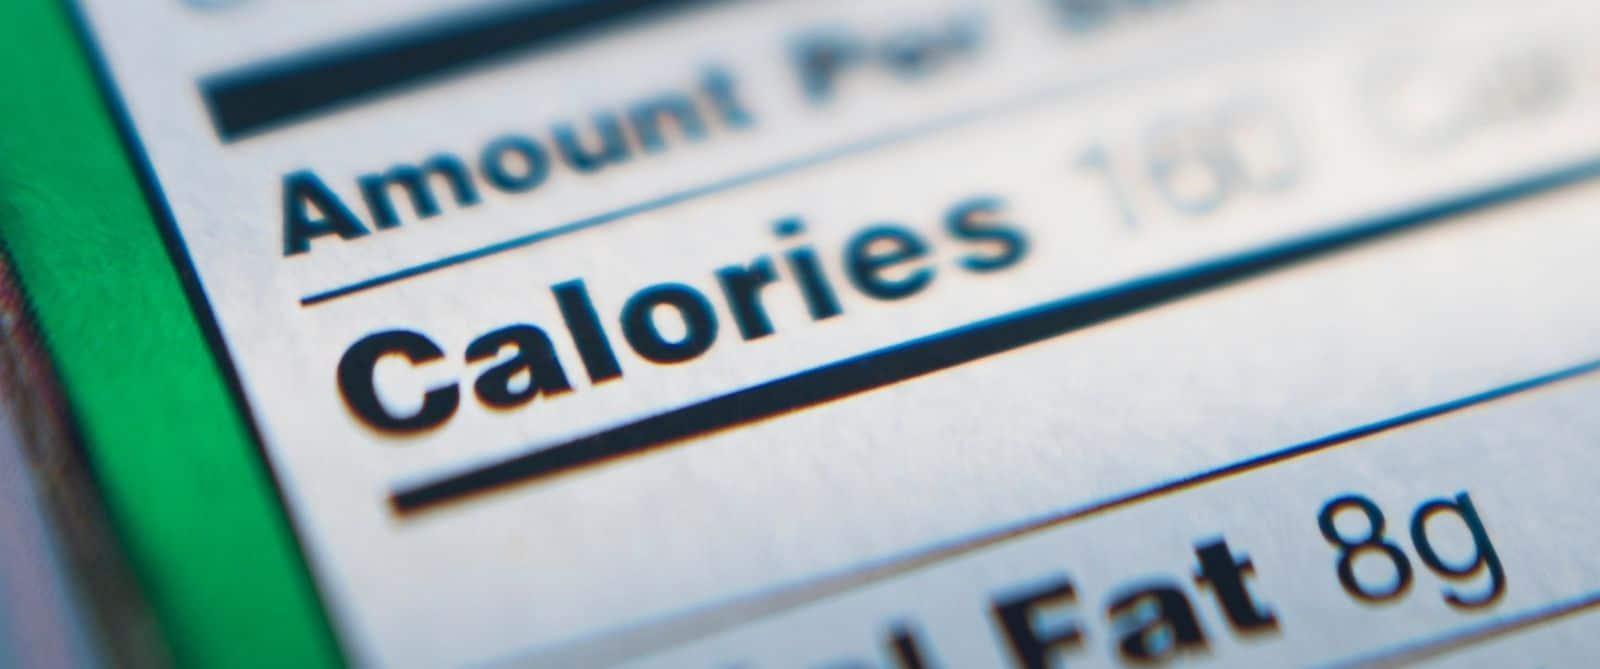 calories